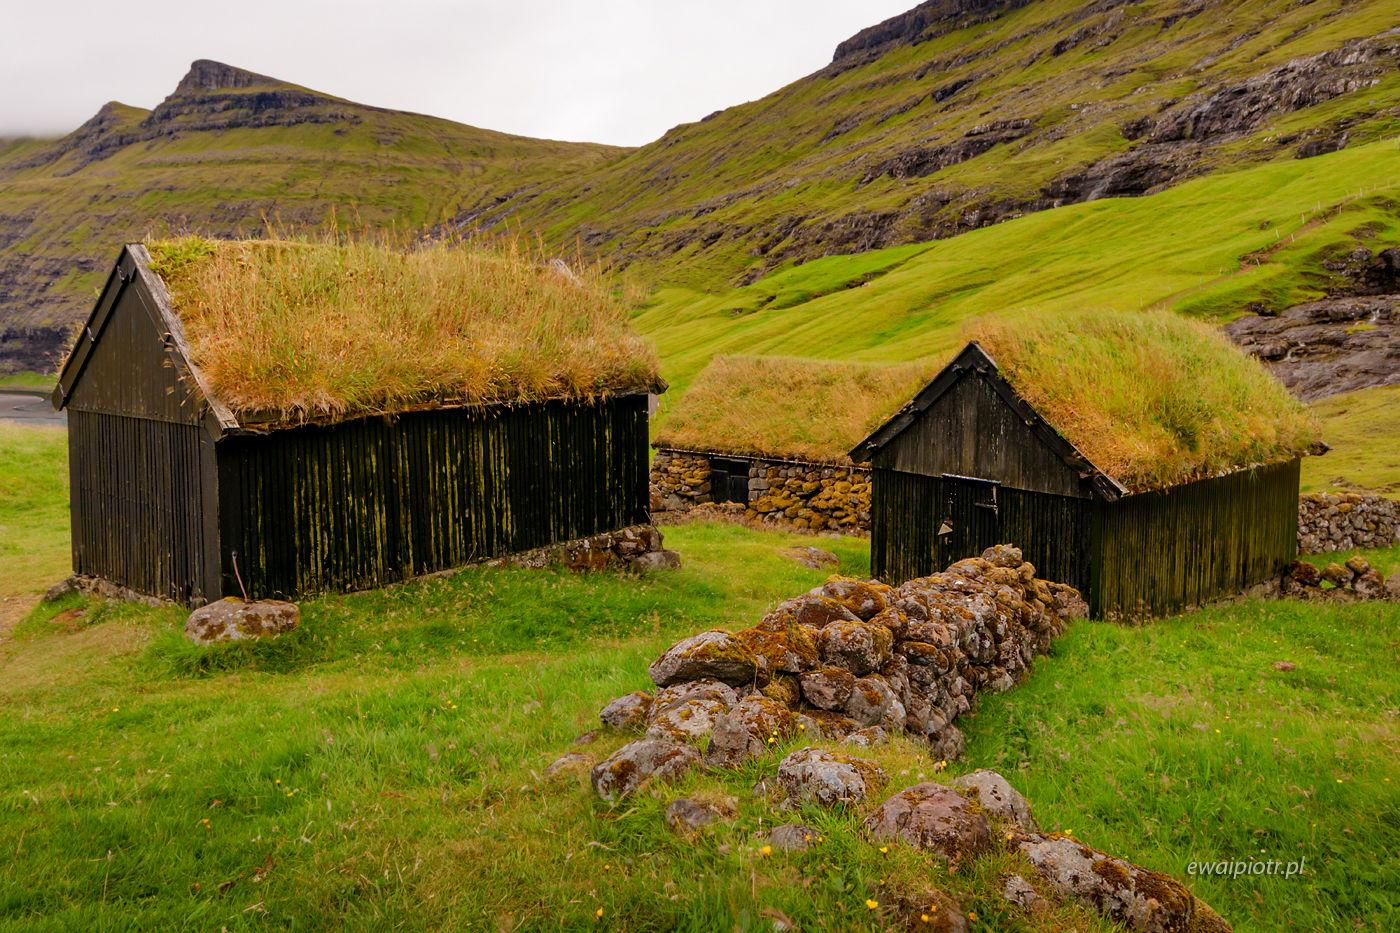 Zielone domy w Saksun, Wyspy Owcze